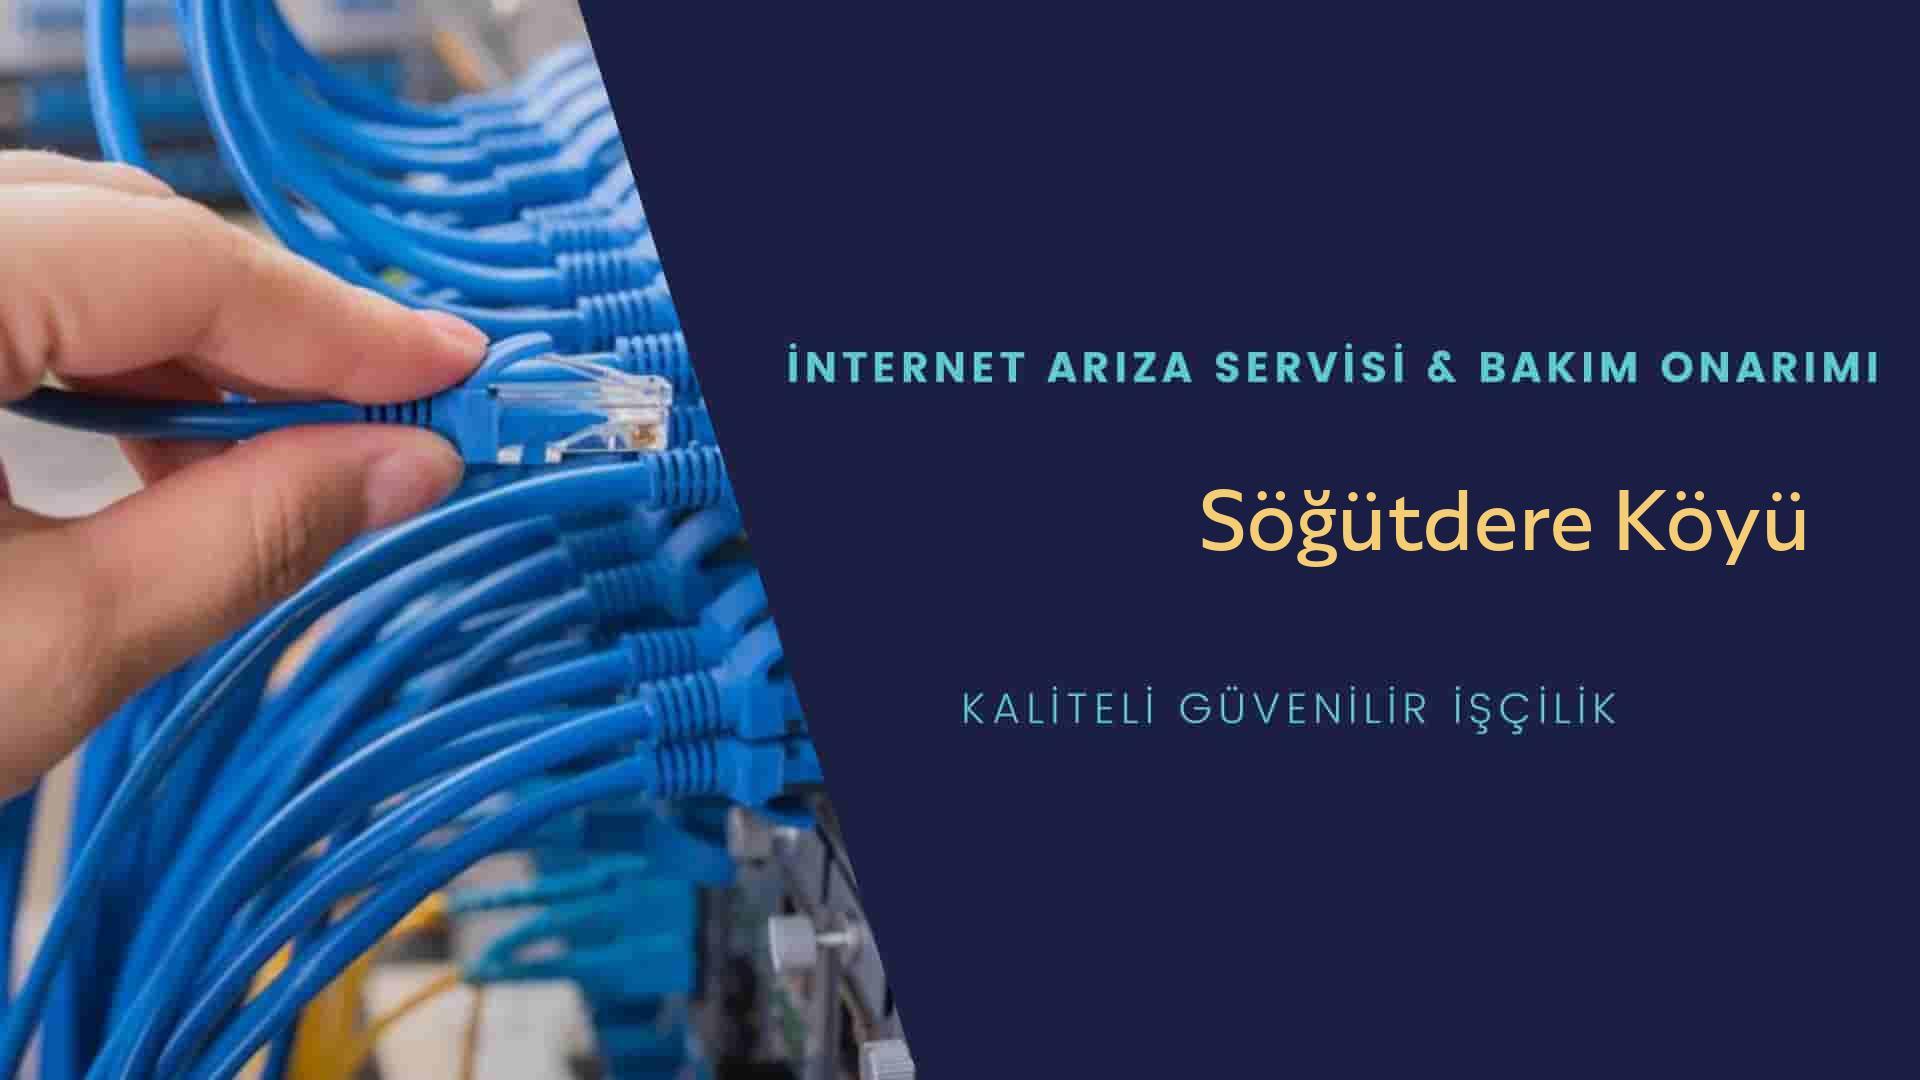 Söğütdere Köyü internet kablosu çekimi yapan yerler veya elektrikçiler mi? arıyorsunuz doğru yerdesiniz o zaman sizlere 7/24 yardımcı olacak profesyonel ustalarımız bir telefon kadar yakındır size.